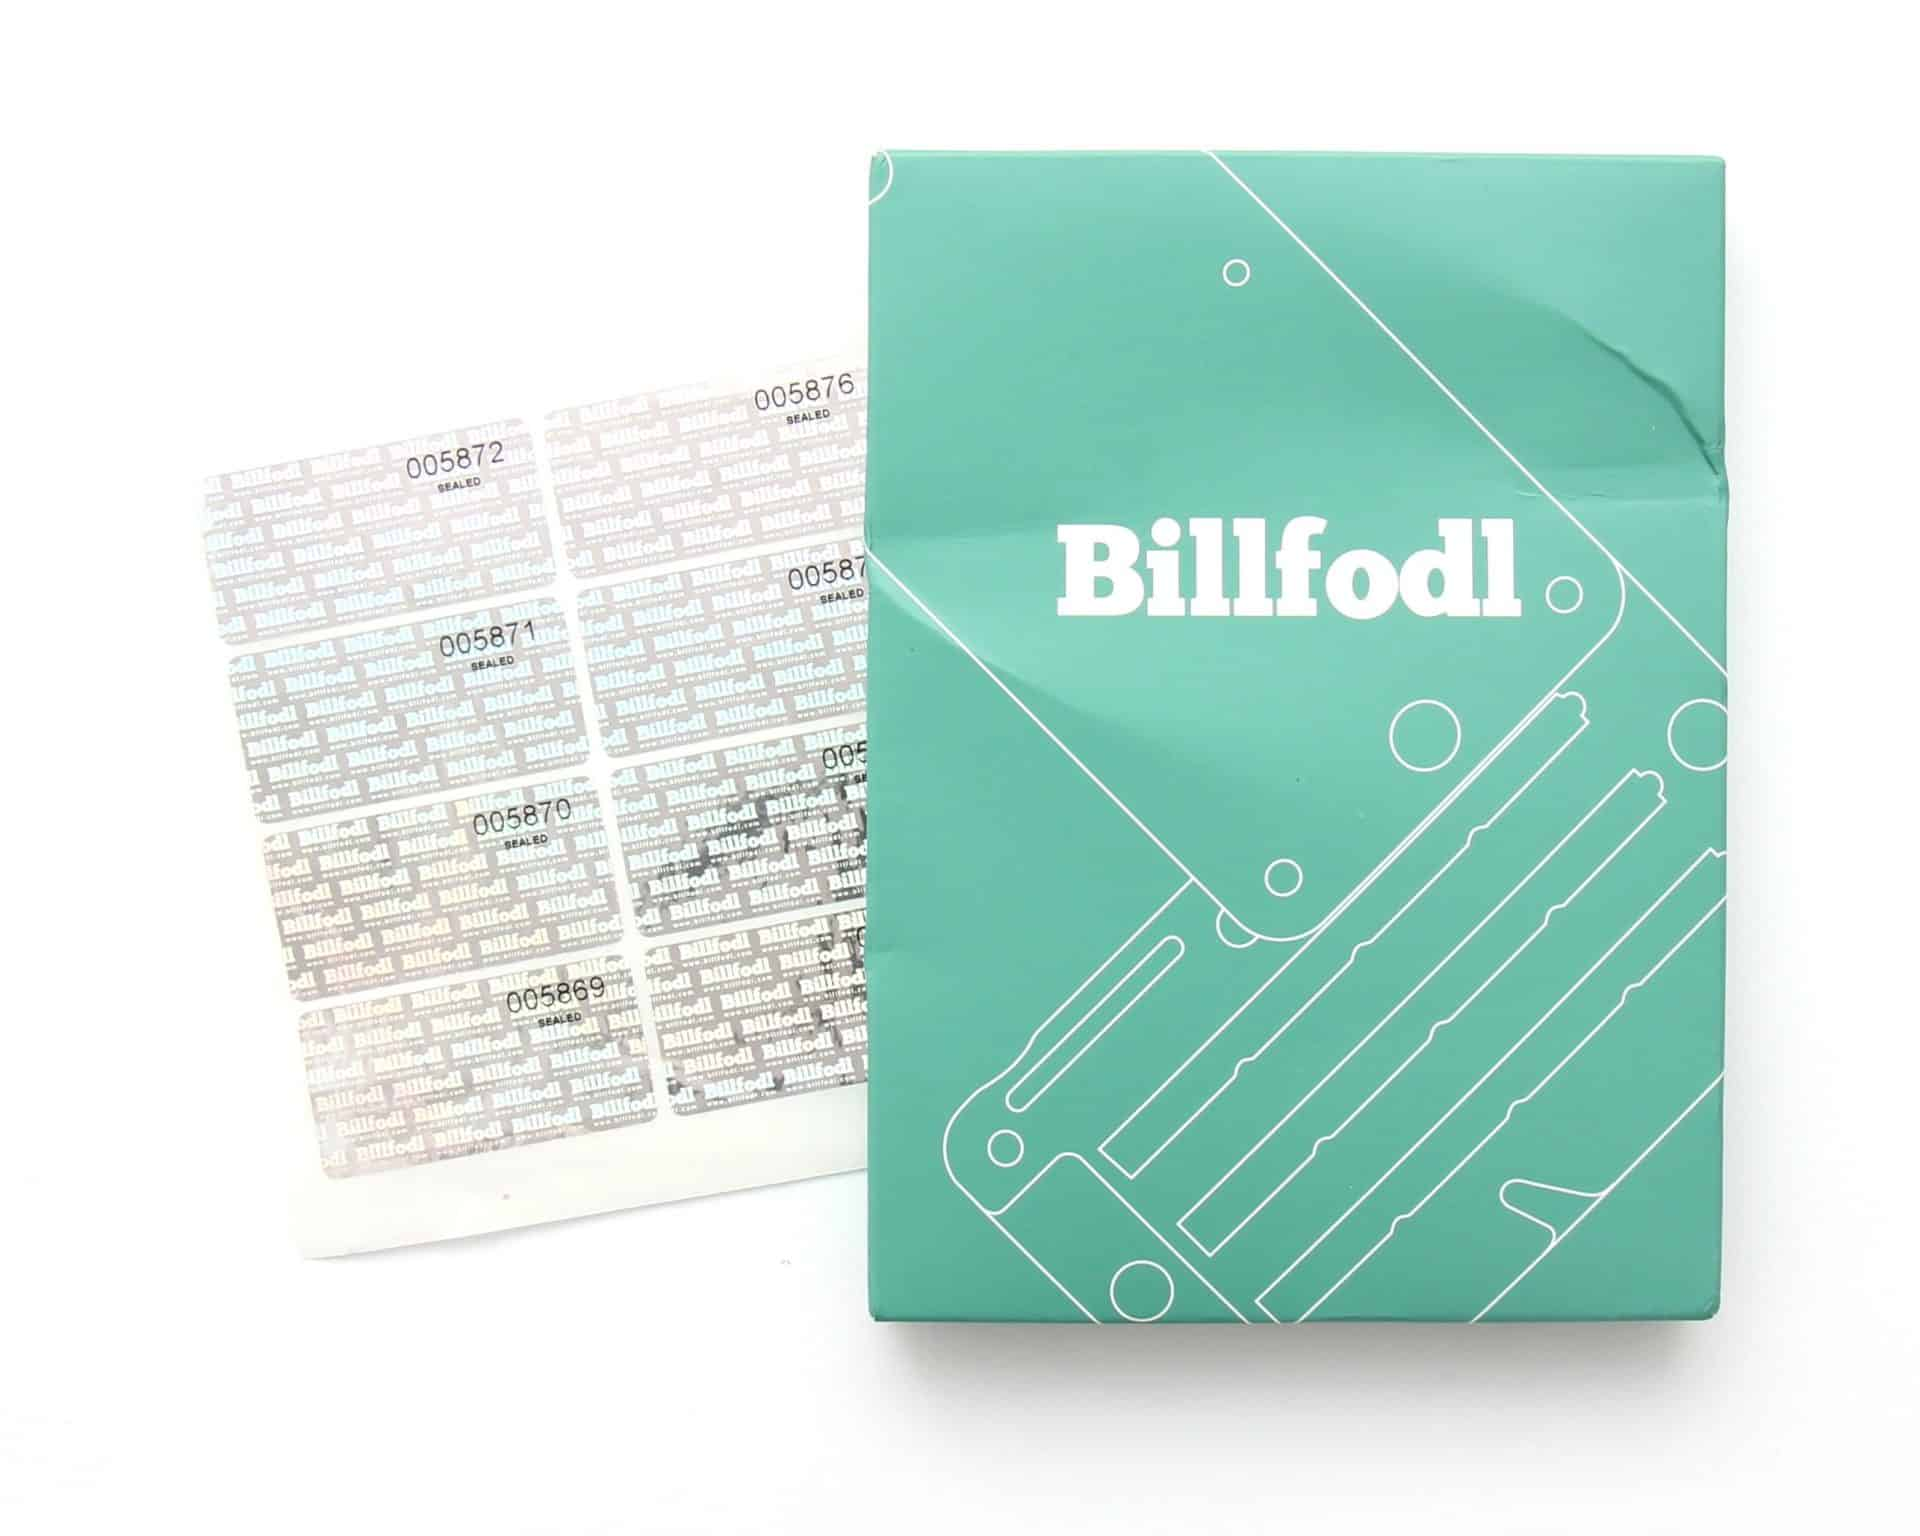 Sigilii Billfodl